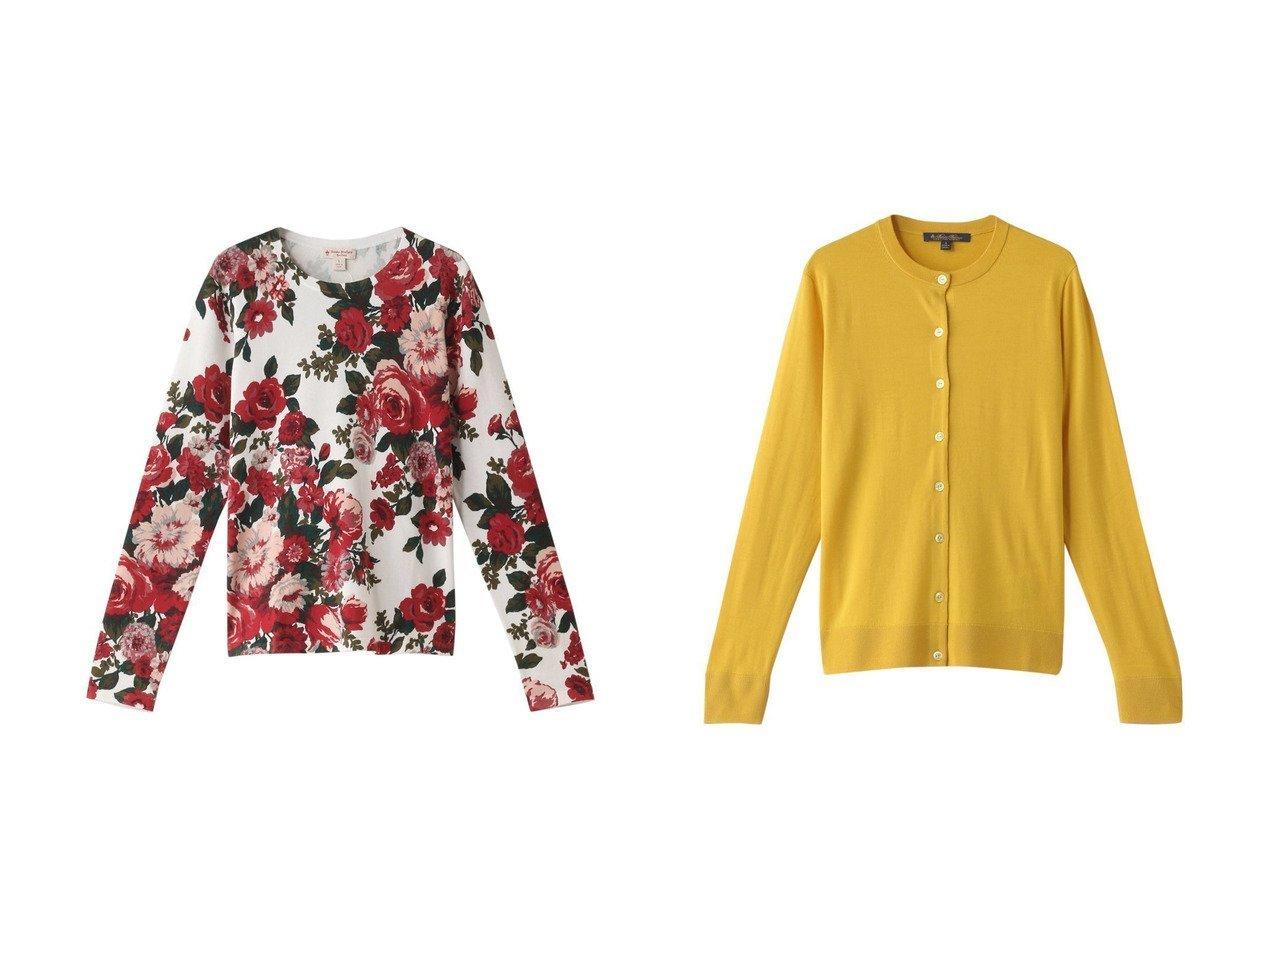 【Brooks Brothers/ブルックス ブラザーズ】の【Red Fleece】コットン フローラルプリント クルーネックセーター&メリノウール クルーネックカーディガン トップス・カットソーのおすすめ!人気、レディースファッションの通販  おすすめで人気のファッション通販商品 インテリア・家具・キッズファッション・メンズファッション・レディースファッション・服の通販 founy(ファニー) https://founy.com/ ファッション Fashion レディース WOMEN トップス Tops Tshirt ニット Knit Tops プルオーバー Pullover カーディガン Cardigans セーター フラワー カーディガン シンプル  ID:crp329100000003400